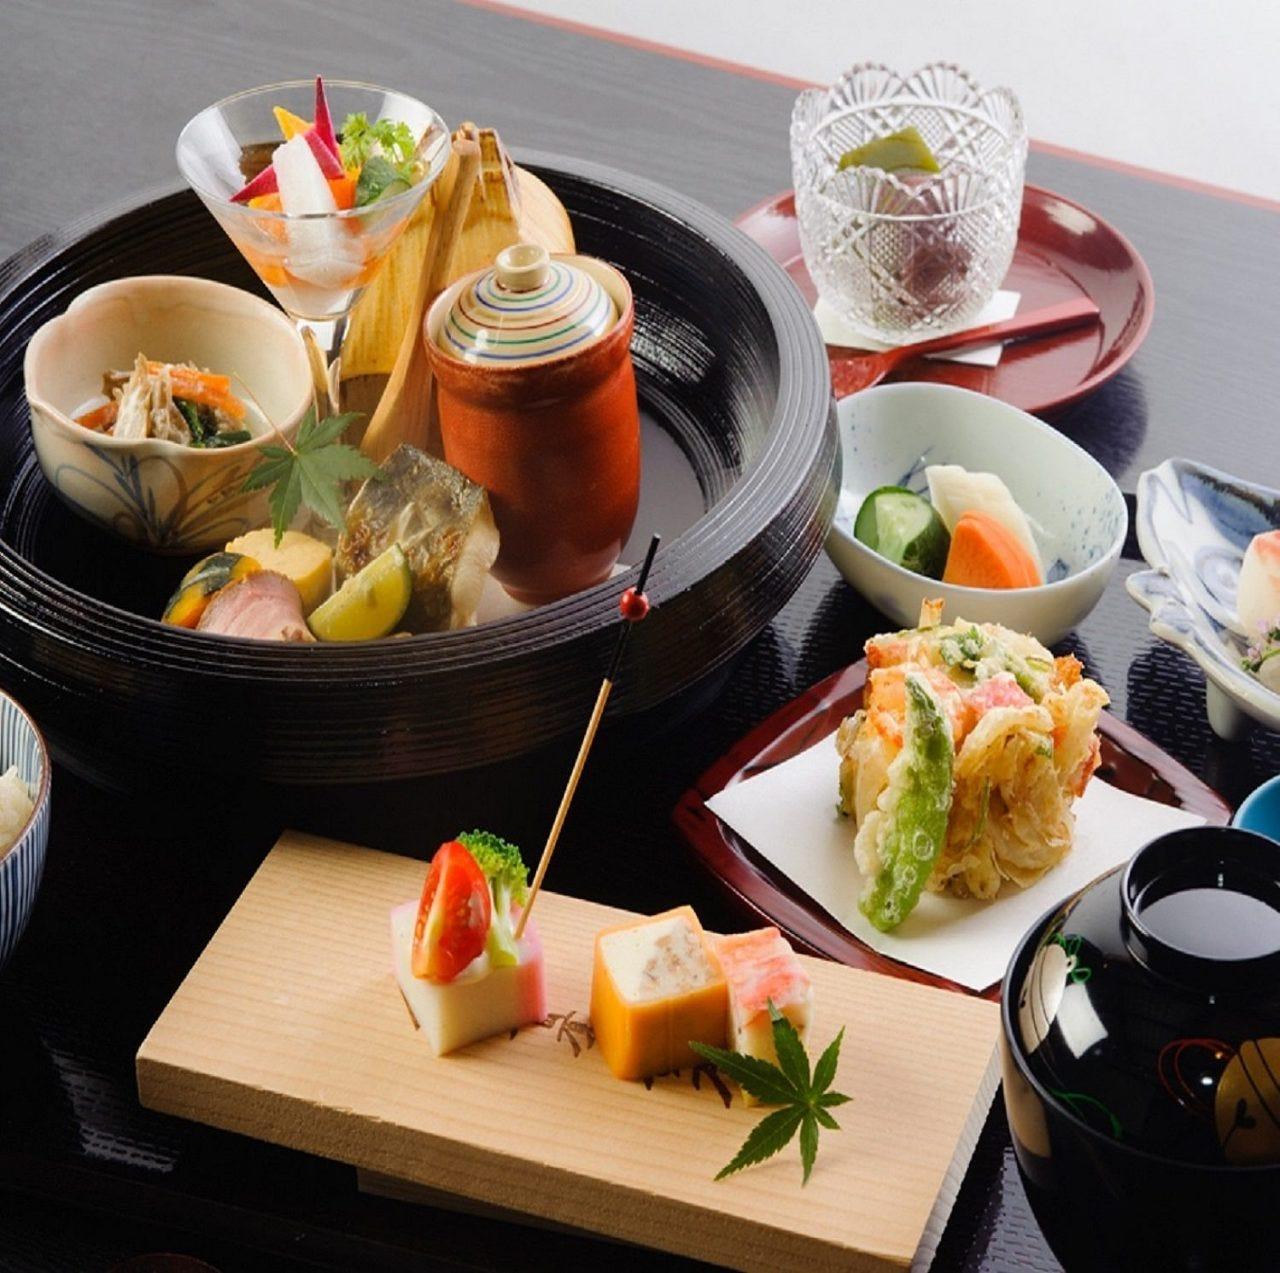 四季折々の食材を伝統工芸品の器に盛った和食